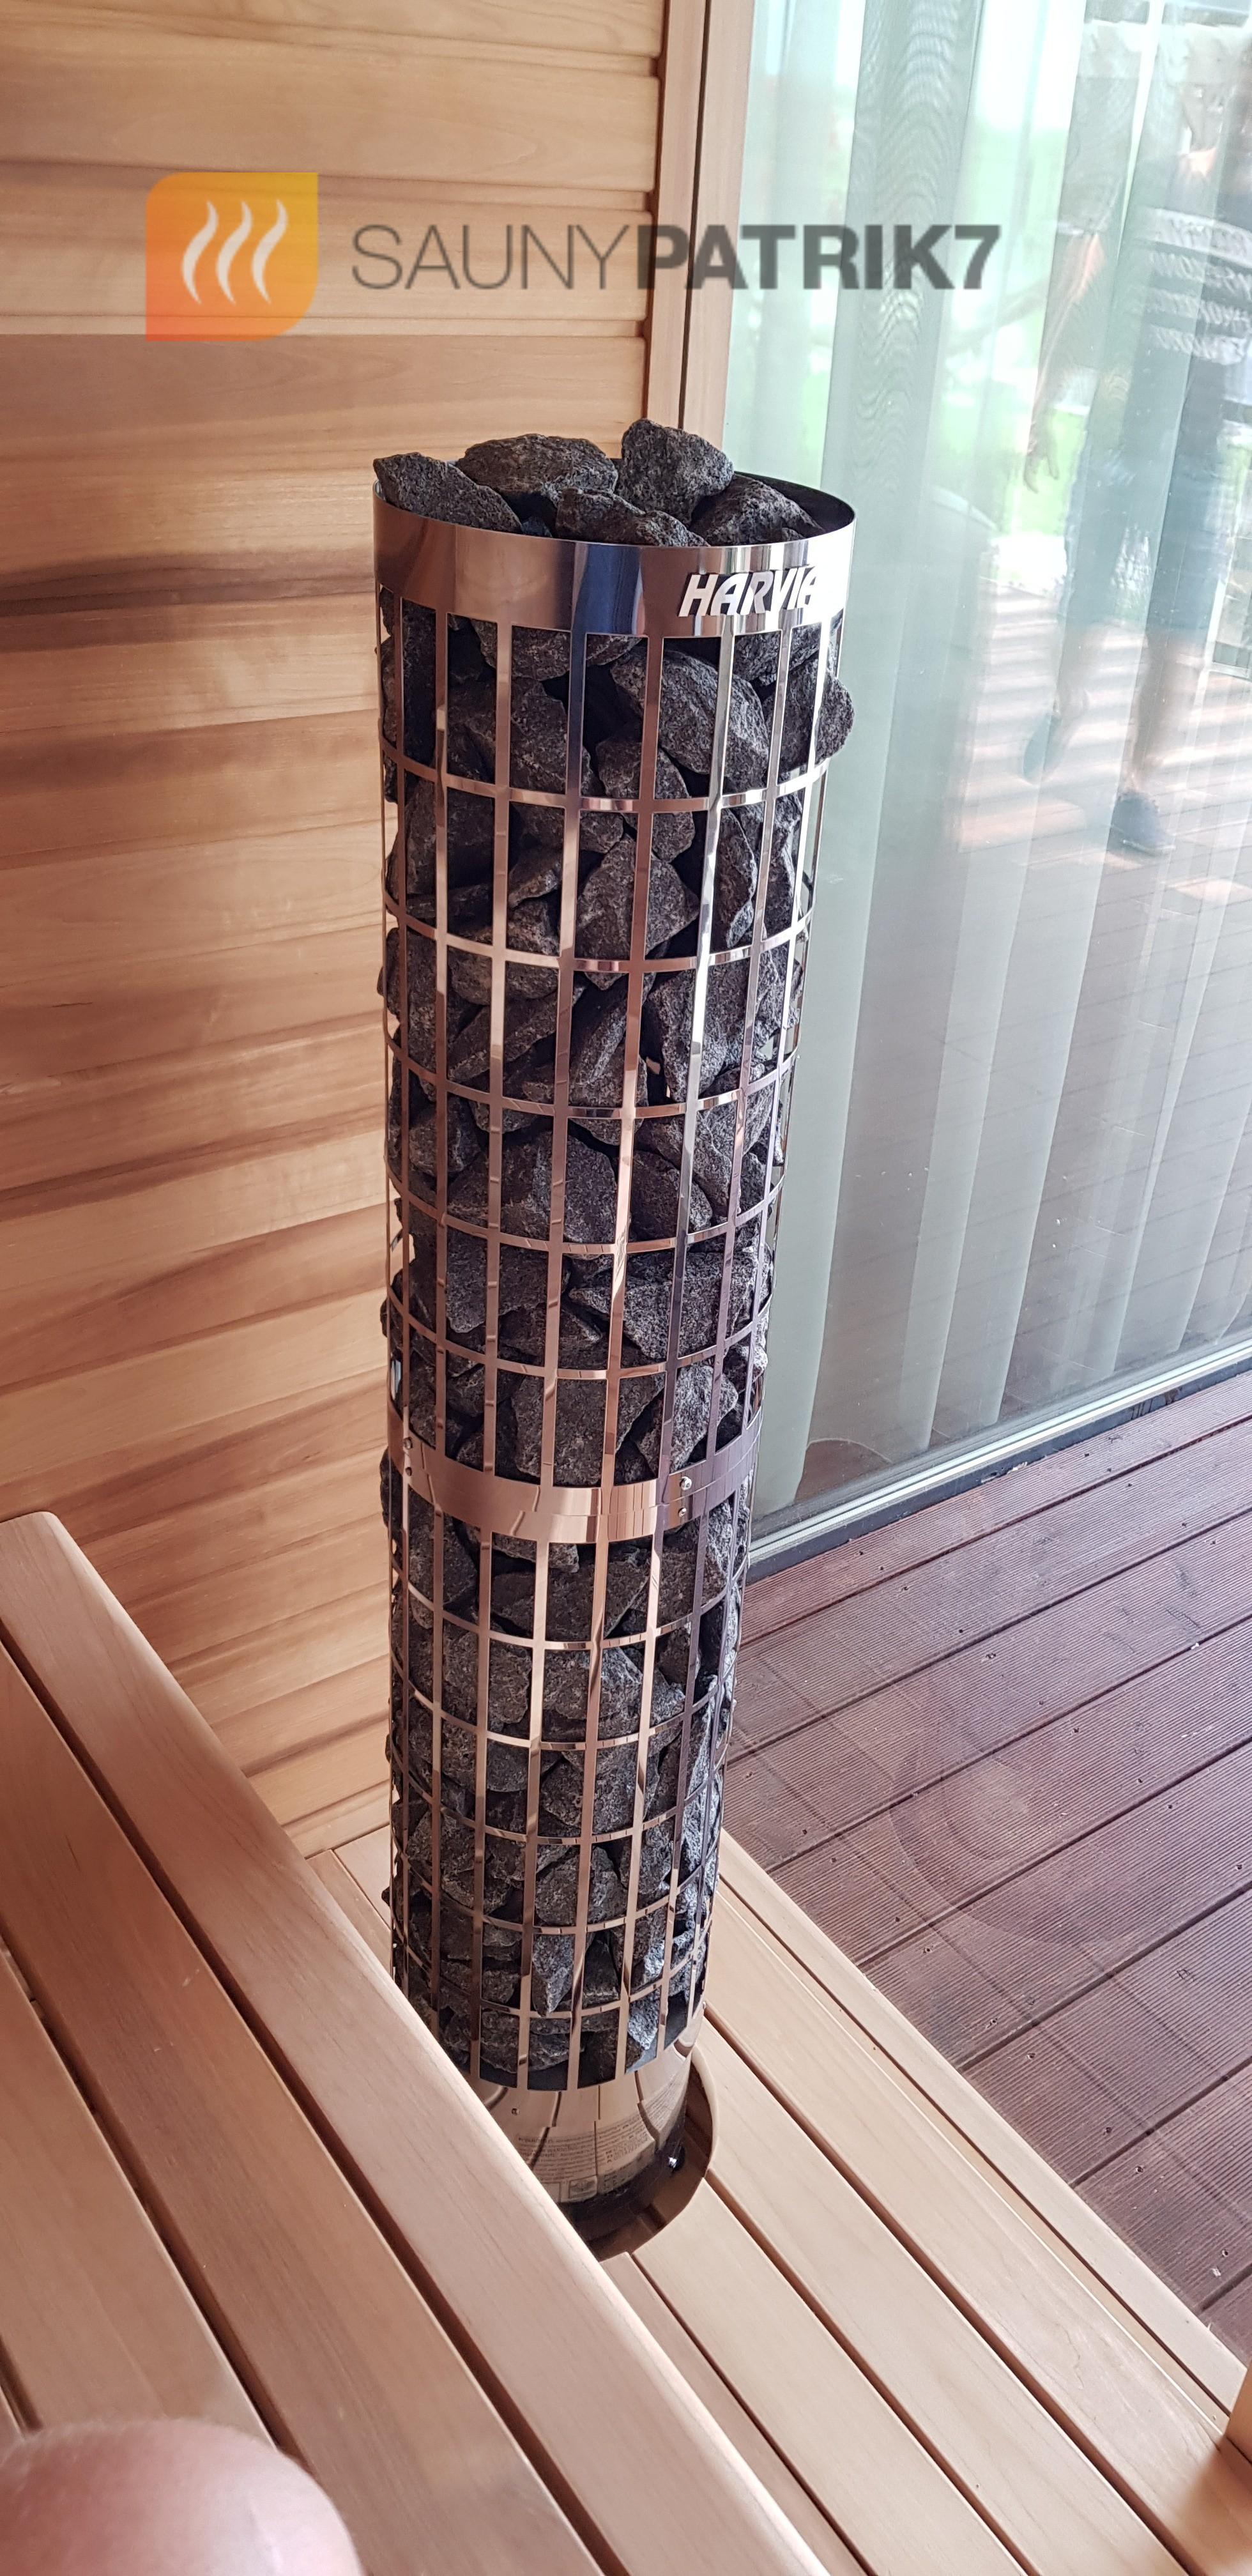 Saunová pec - sauny patrik 7